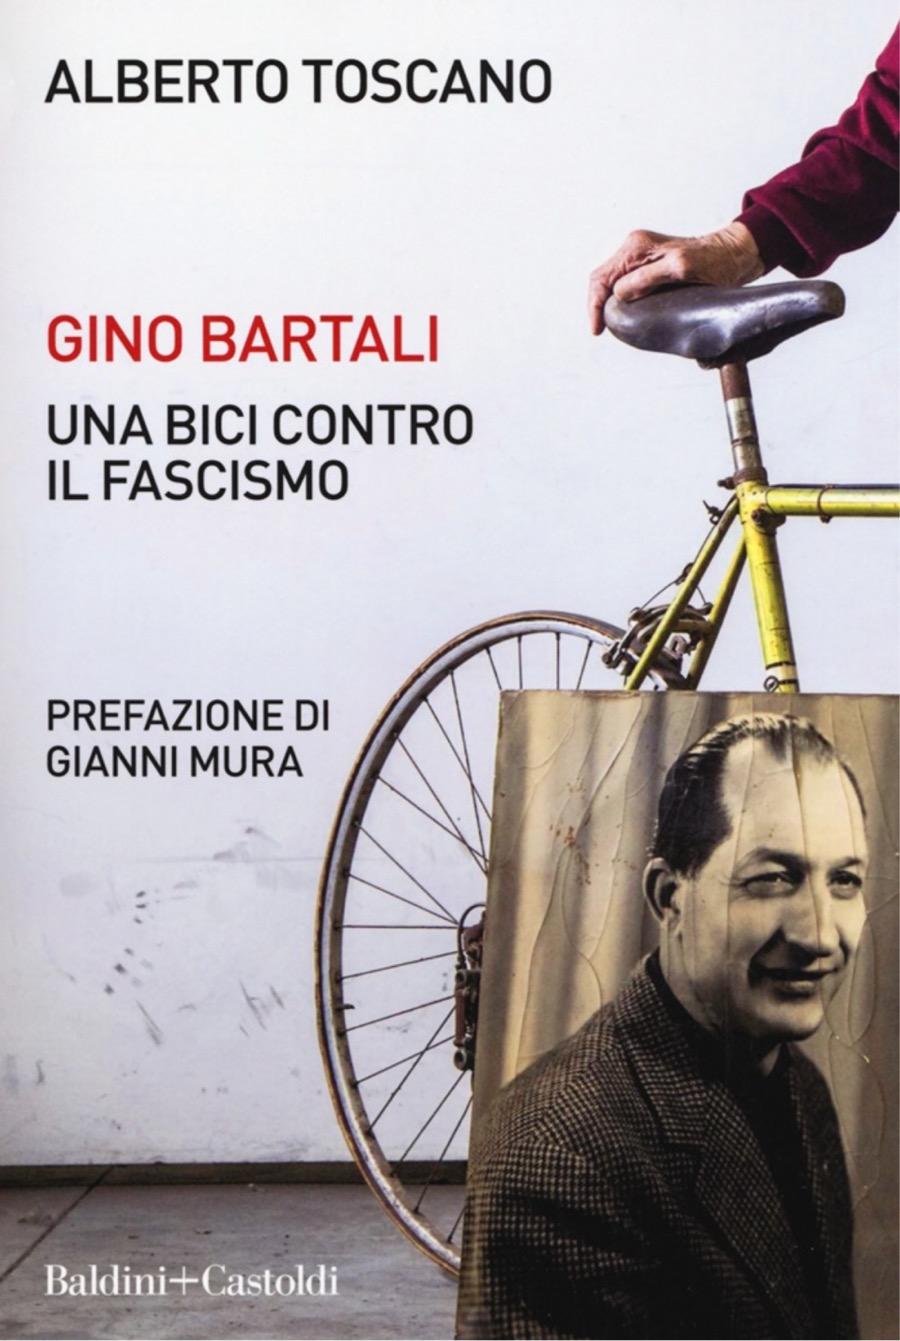 Gino Bartali, una bici contro il fascismo